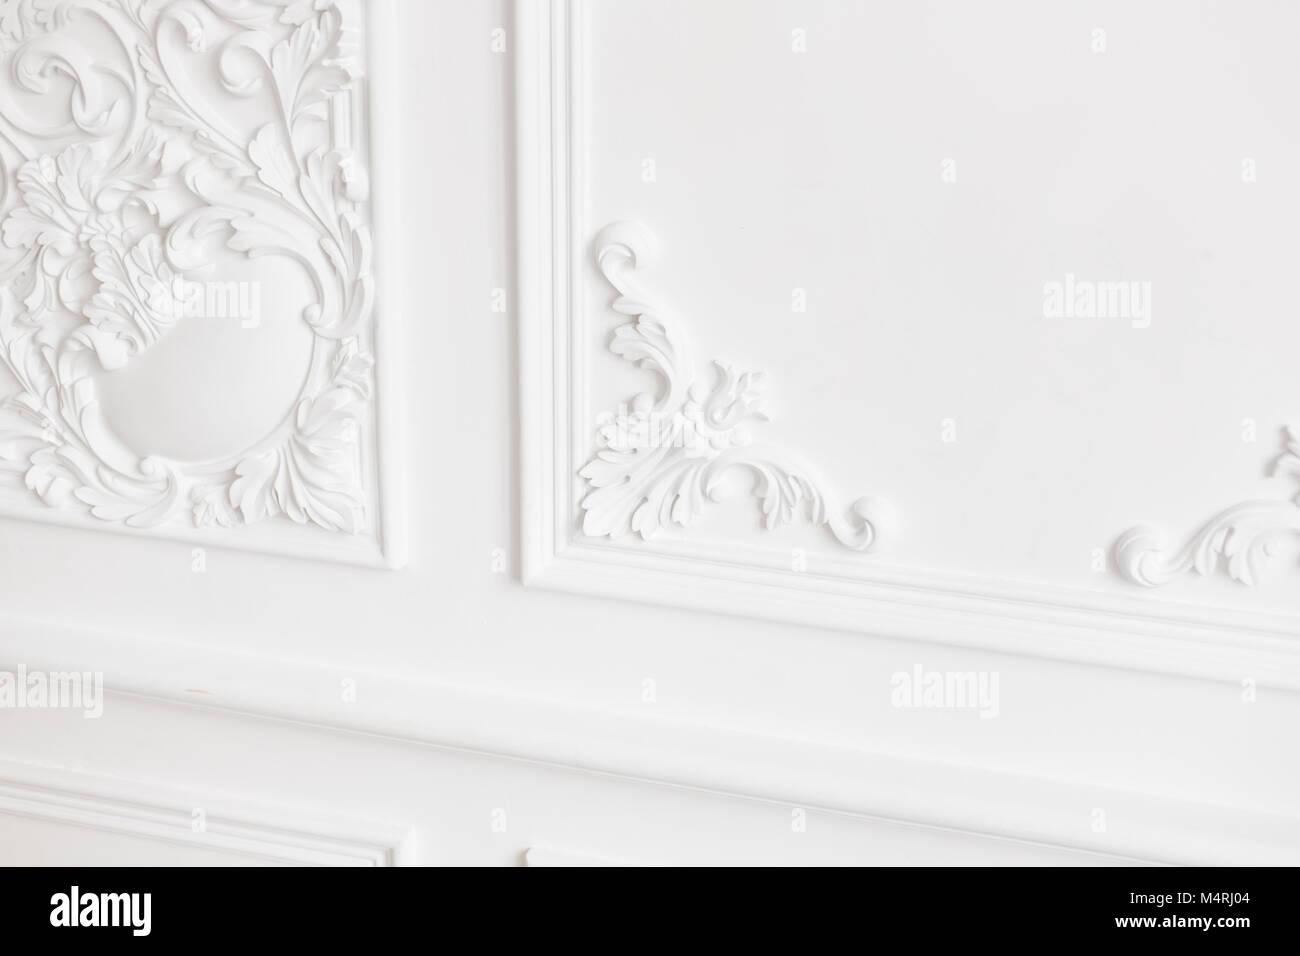 Teurer Innenausstattung. Stuck Elemente auf Licht luxus Wand. Weiß ...